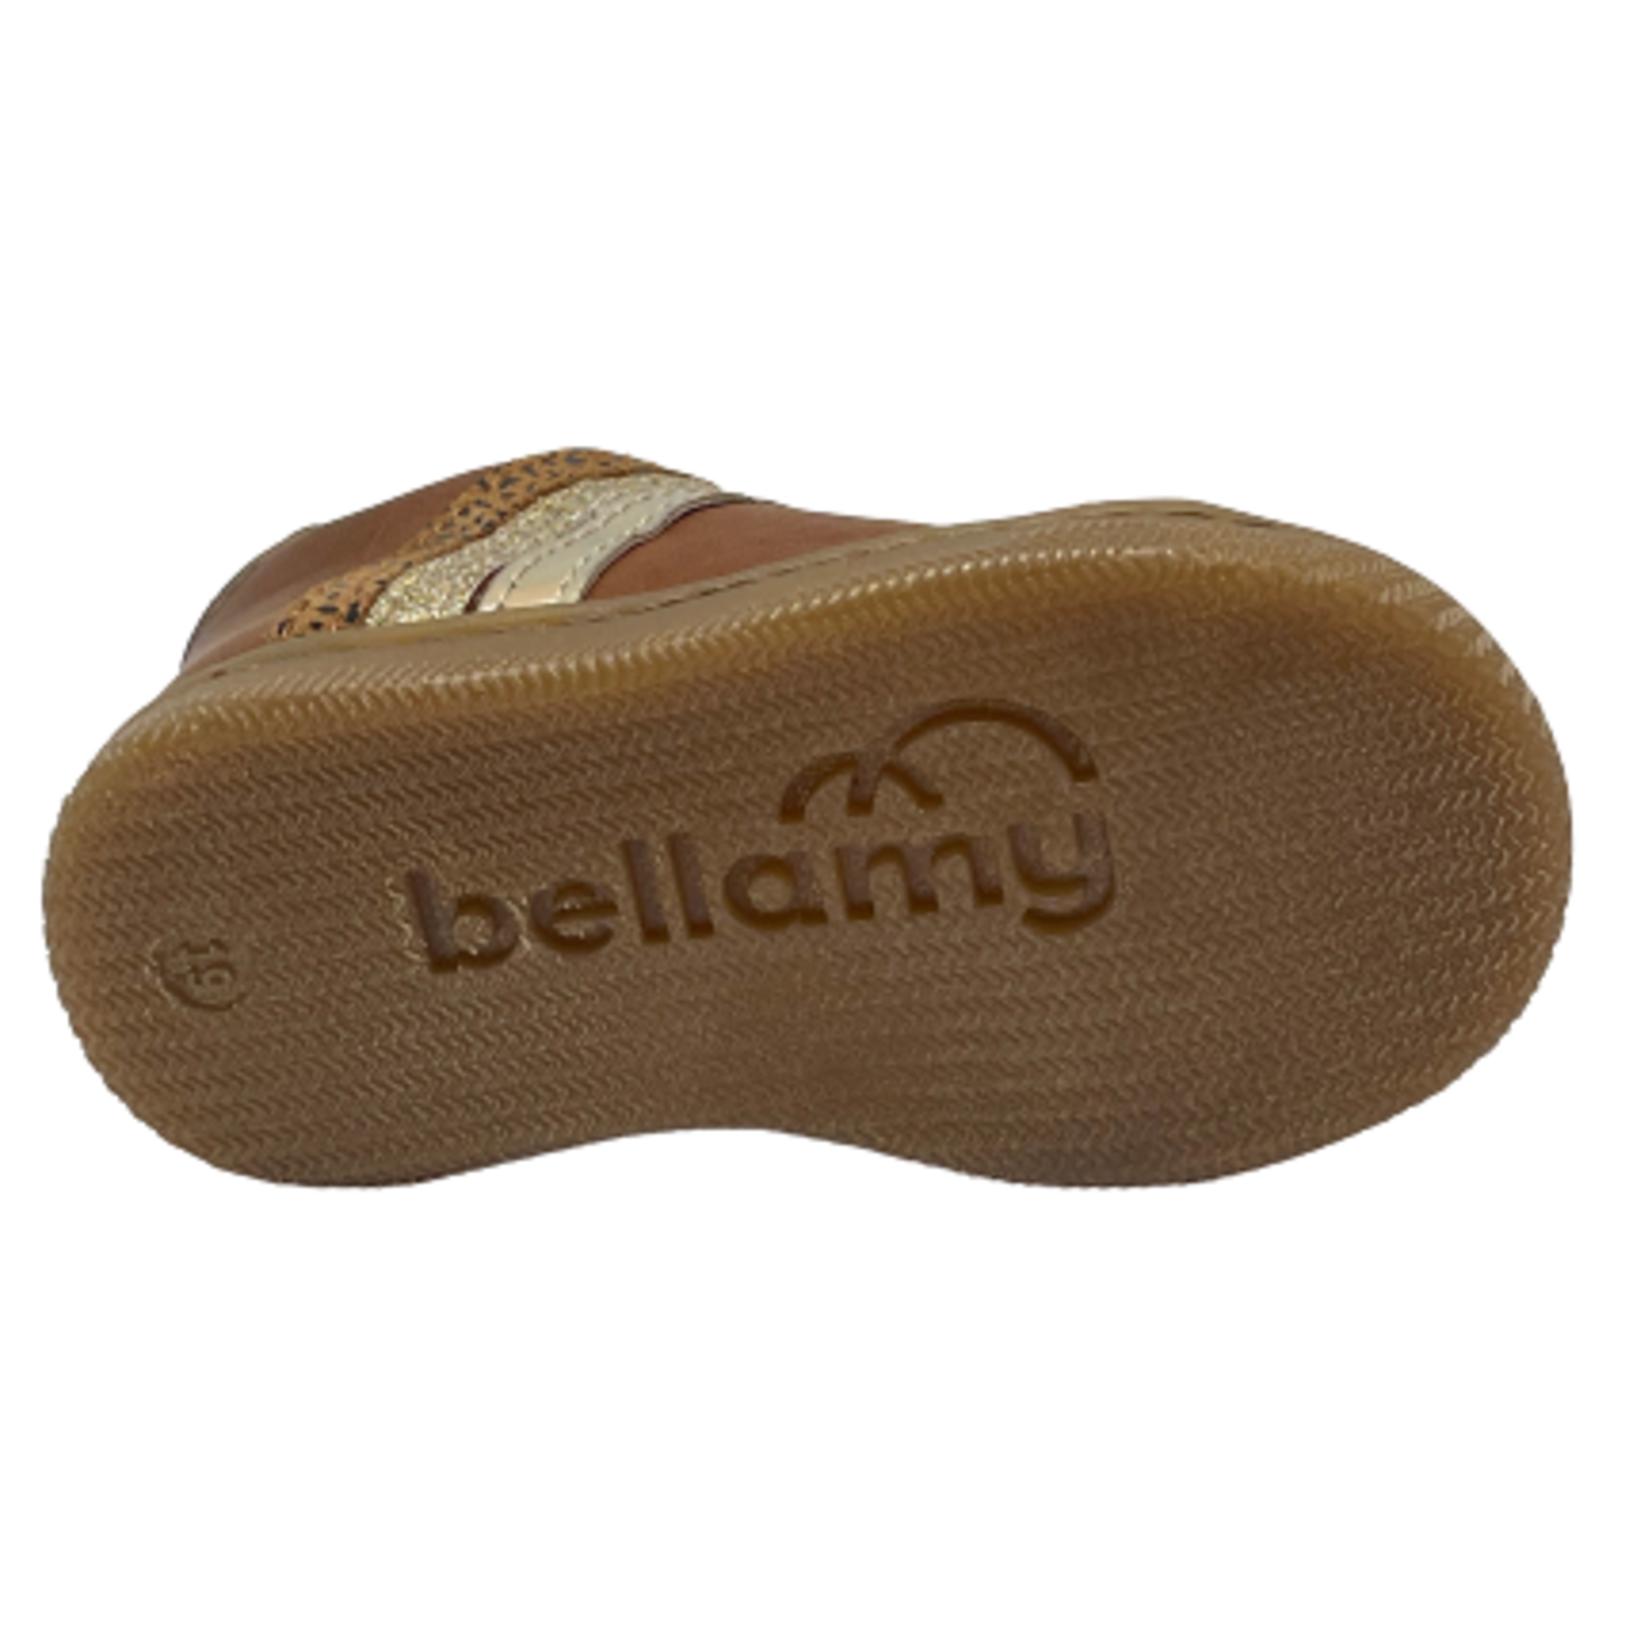 Bellamy Bellamy Gacia Camel leo